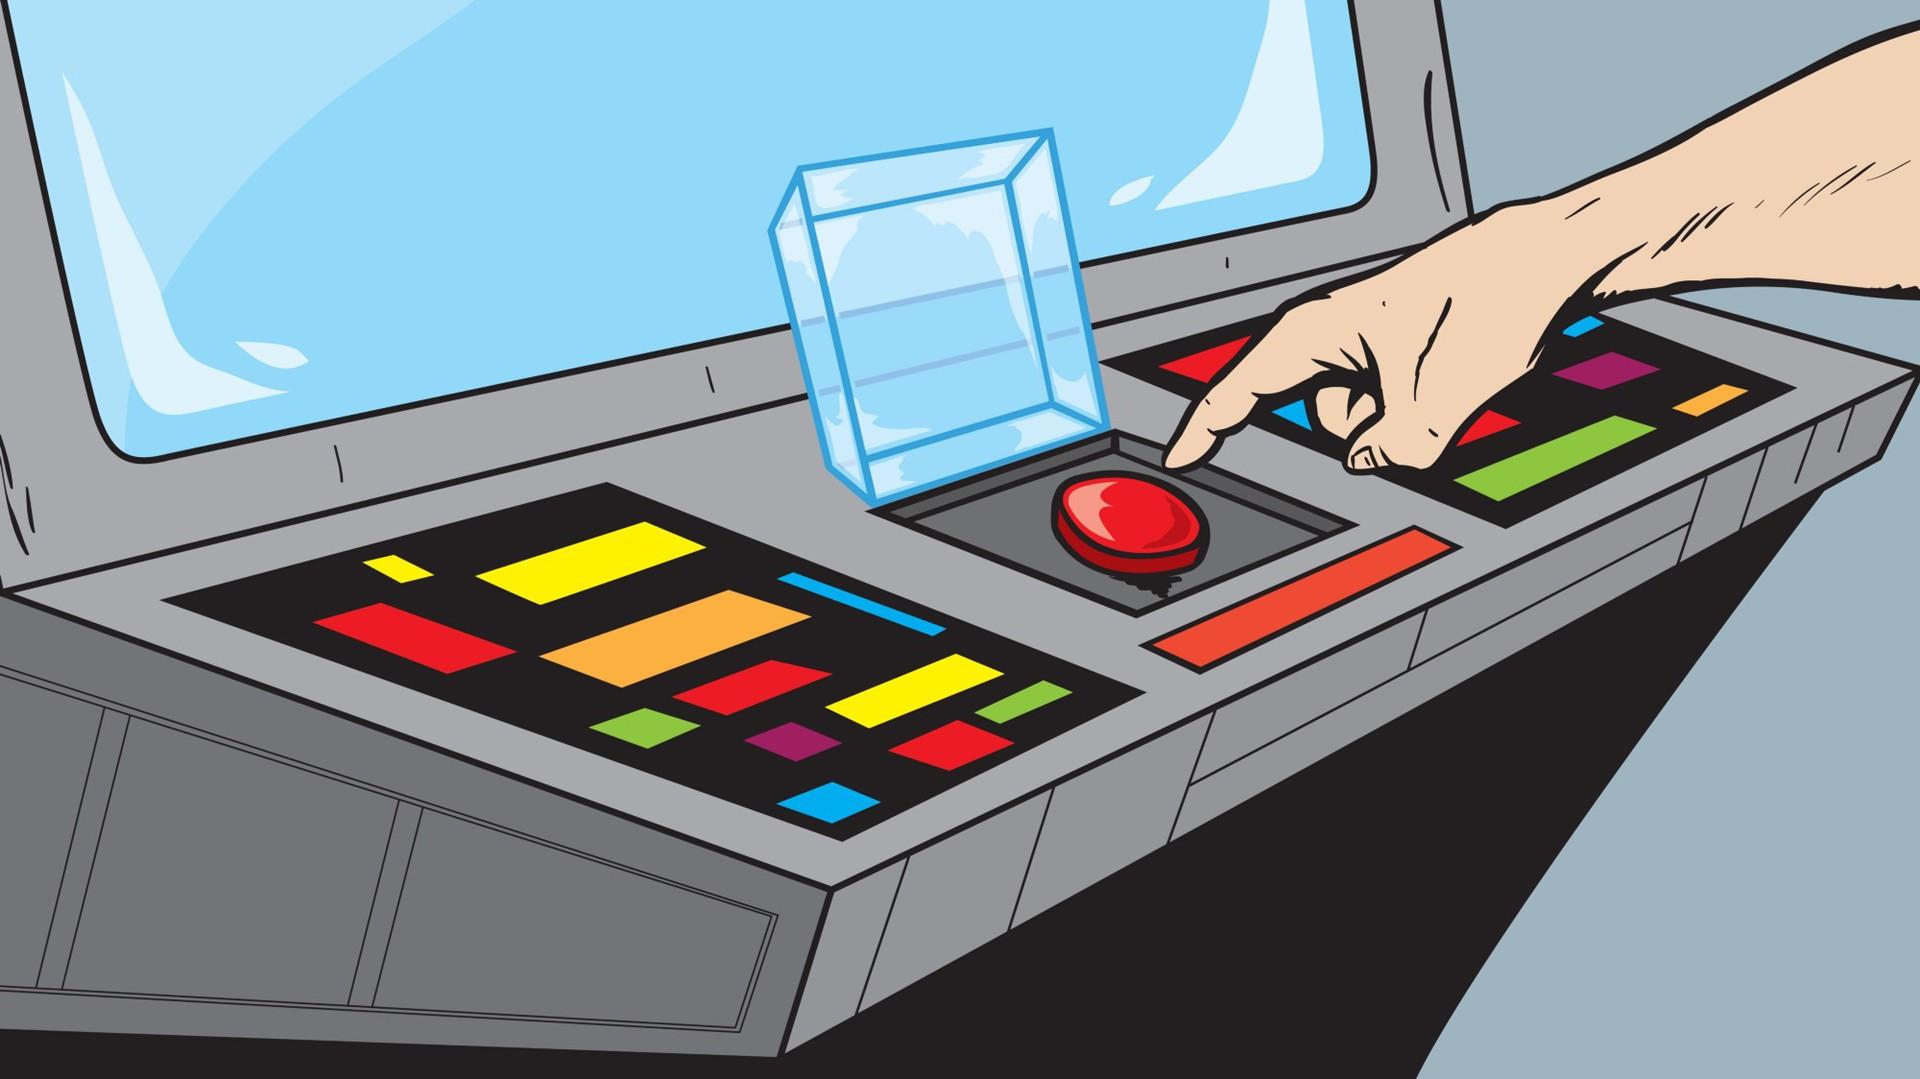 Палец на красной кнопке, или Ужасная правда о Apple, Google, Spotify и всей остальной вселенной музыкального стриминга - 1